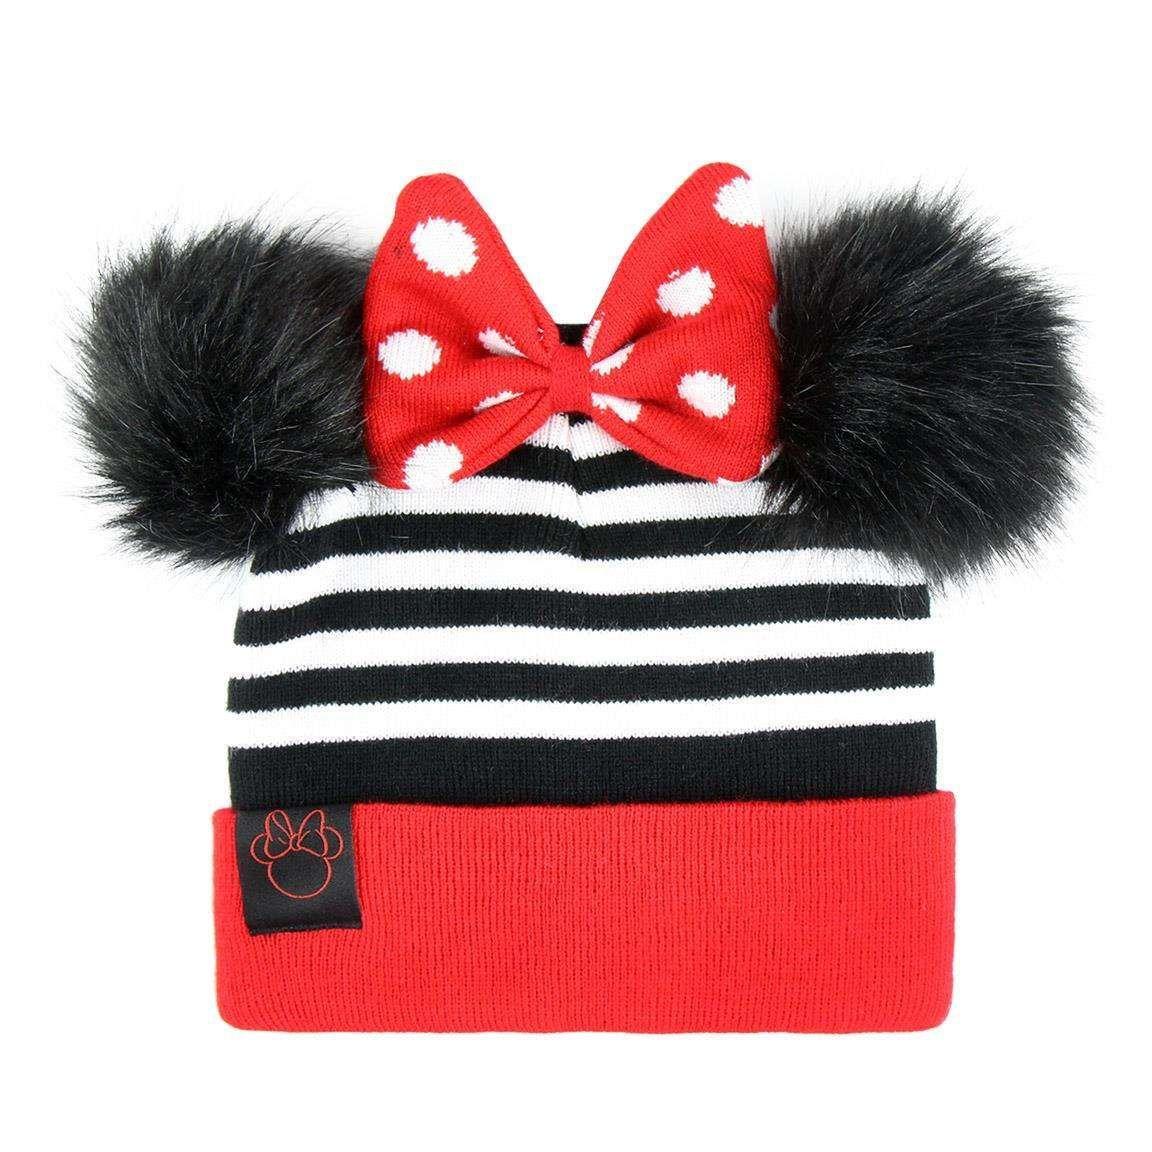 2edfe109b4fd4 Śliczna czapka jesienna / zimowa dla dziewczynki Myszka Minnie 😍 Idealny  dodatek do jesiennej bądź zimowej